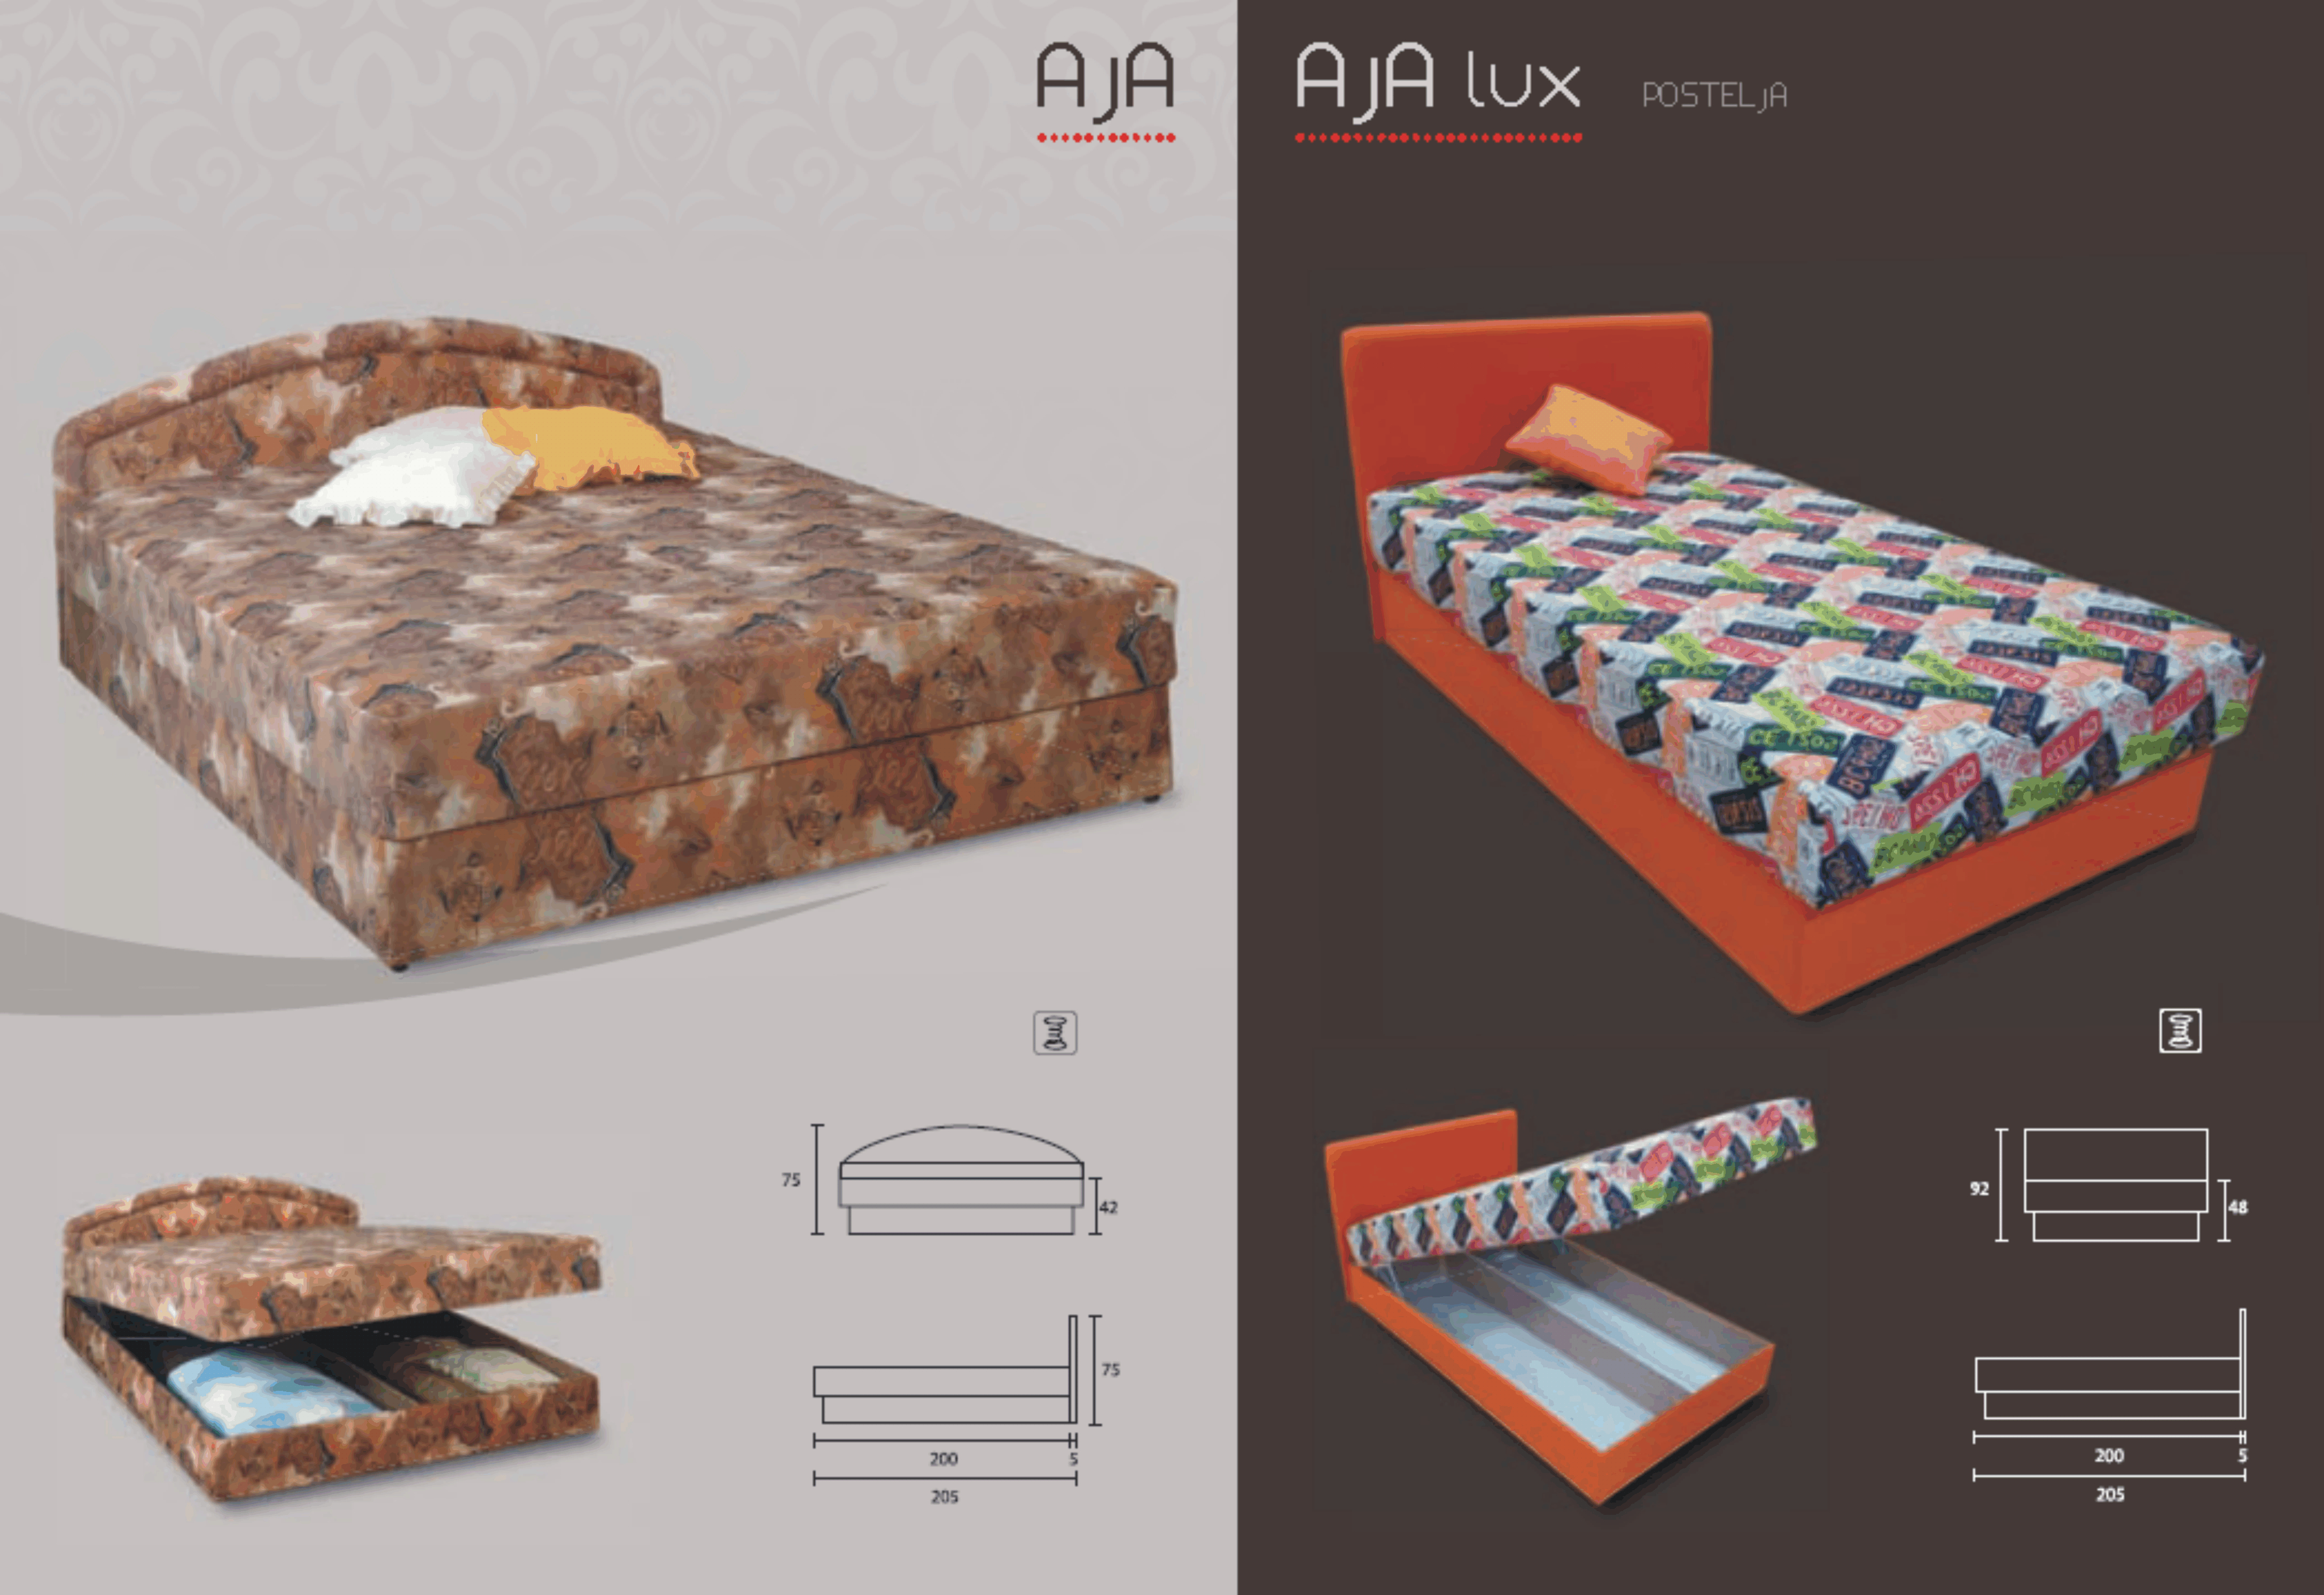 aja_postelja